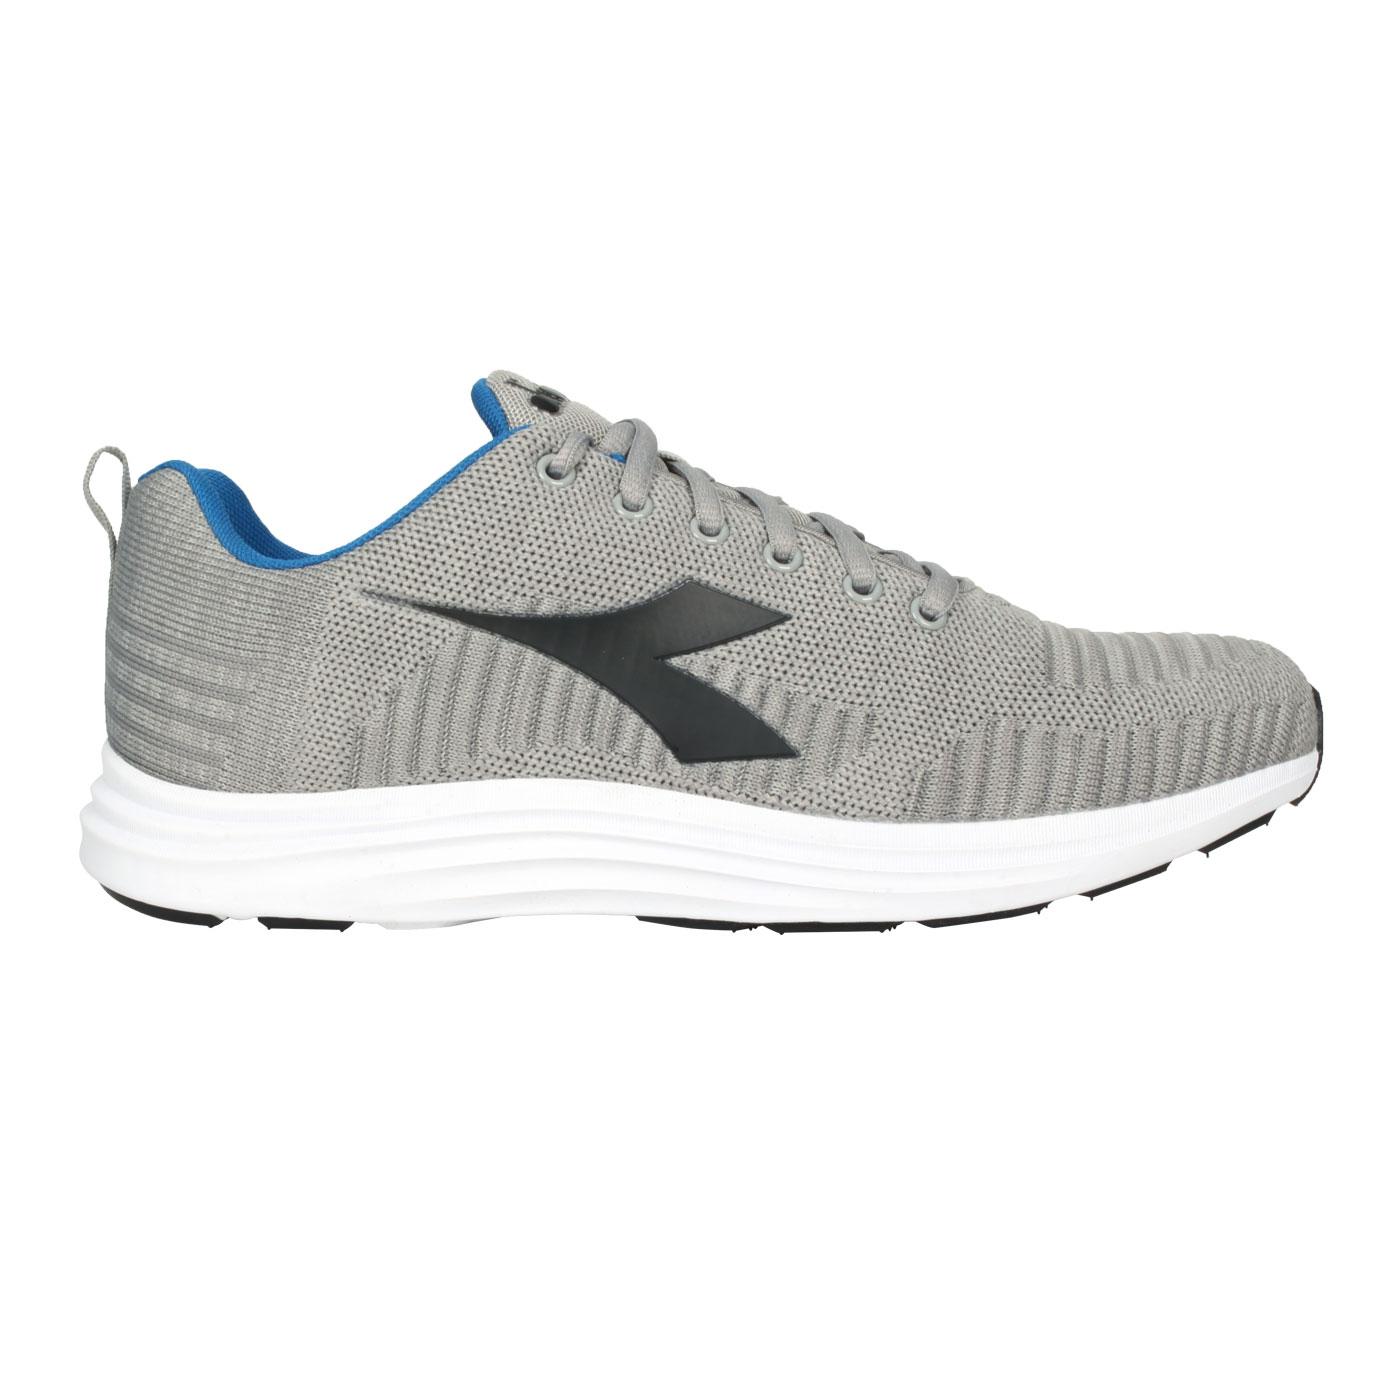 DIADORA 男款原廠進口慢跑鞋 DA176869-C4785